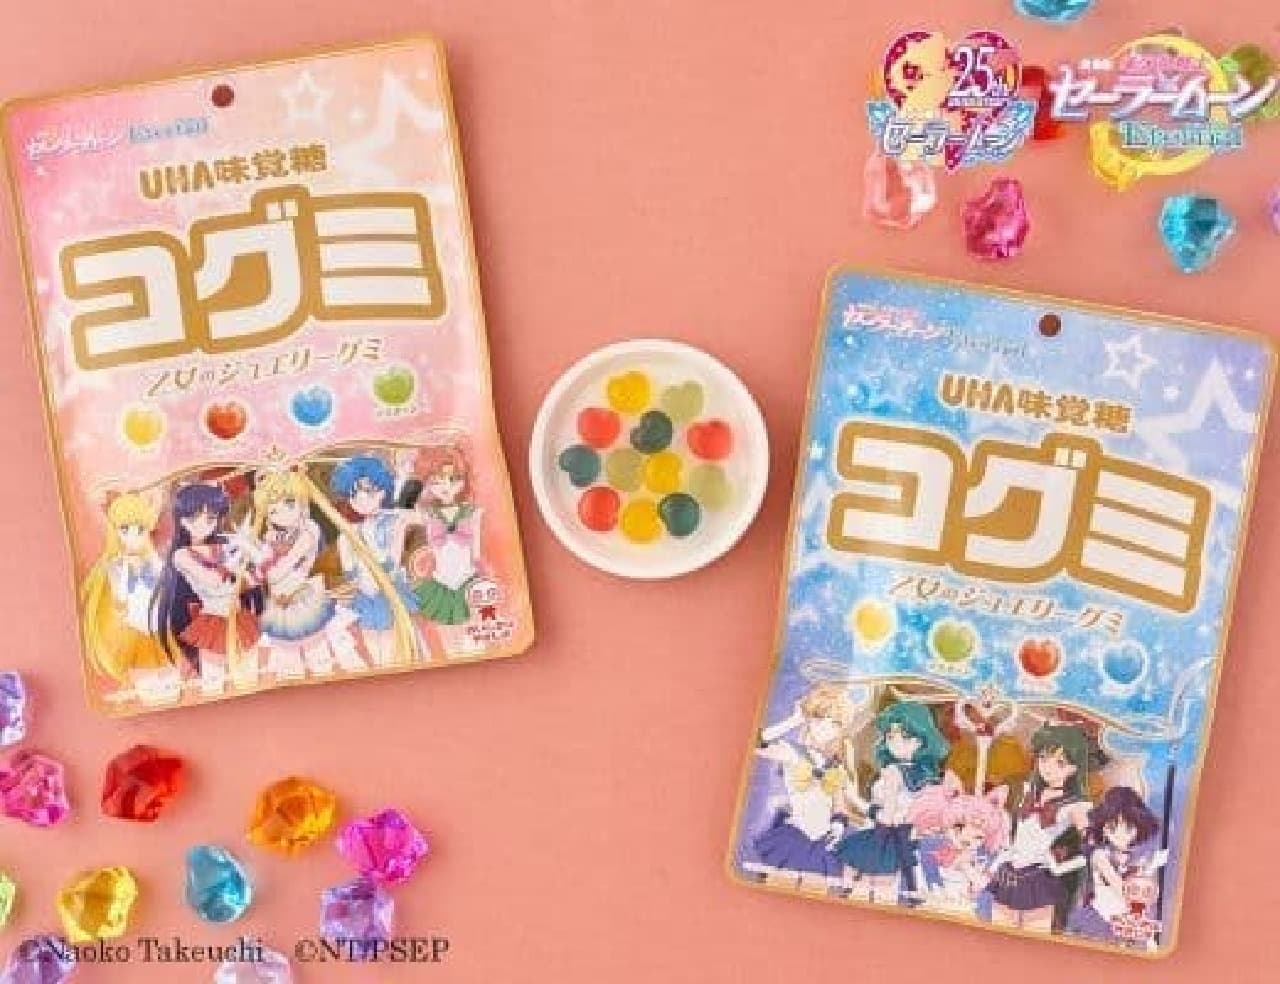 UHA味覚糖 劇場版「美少女戦士セーラームーンEternal」コグミ 乙女のジュエリーグミ 75g